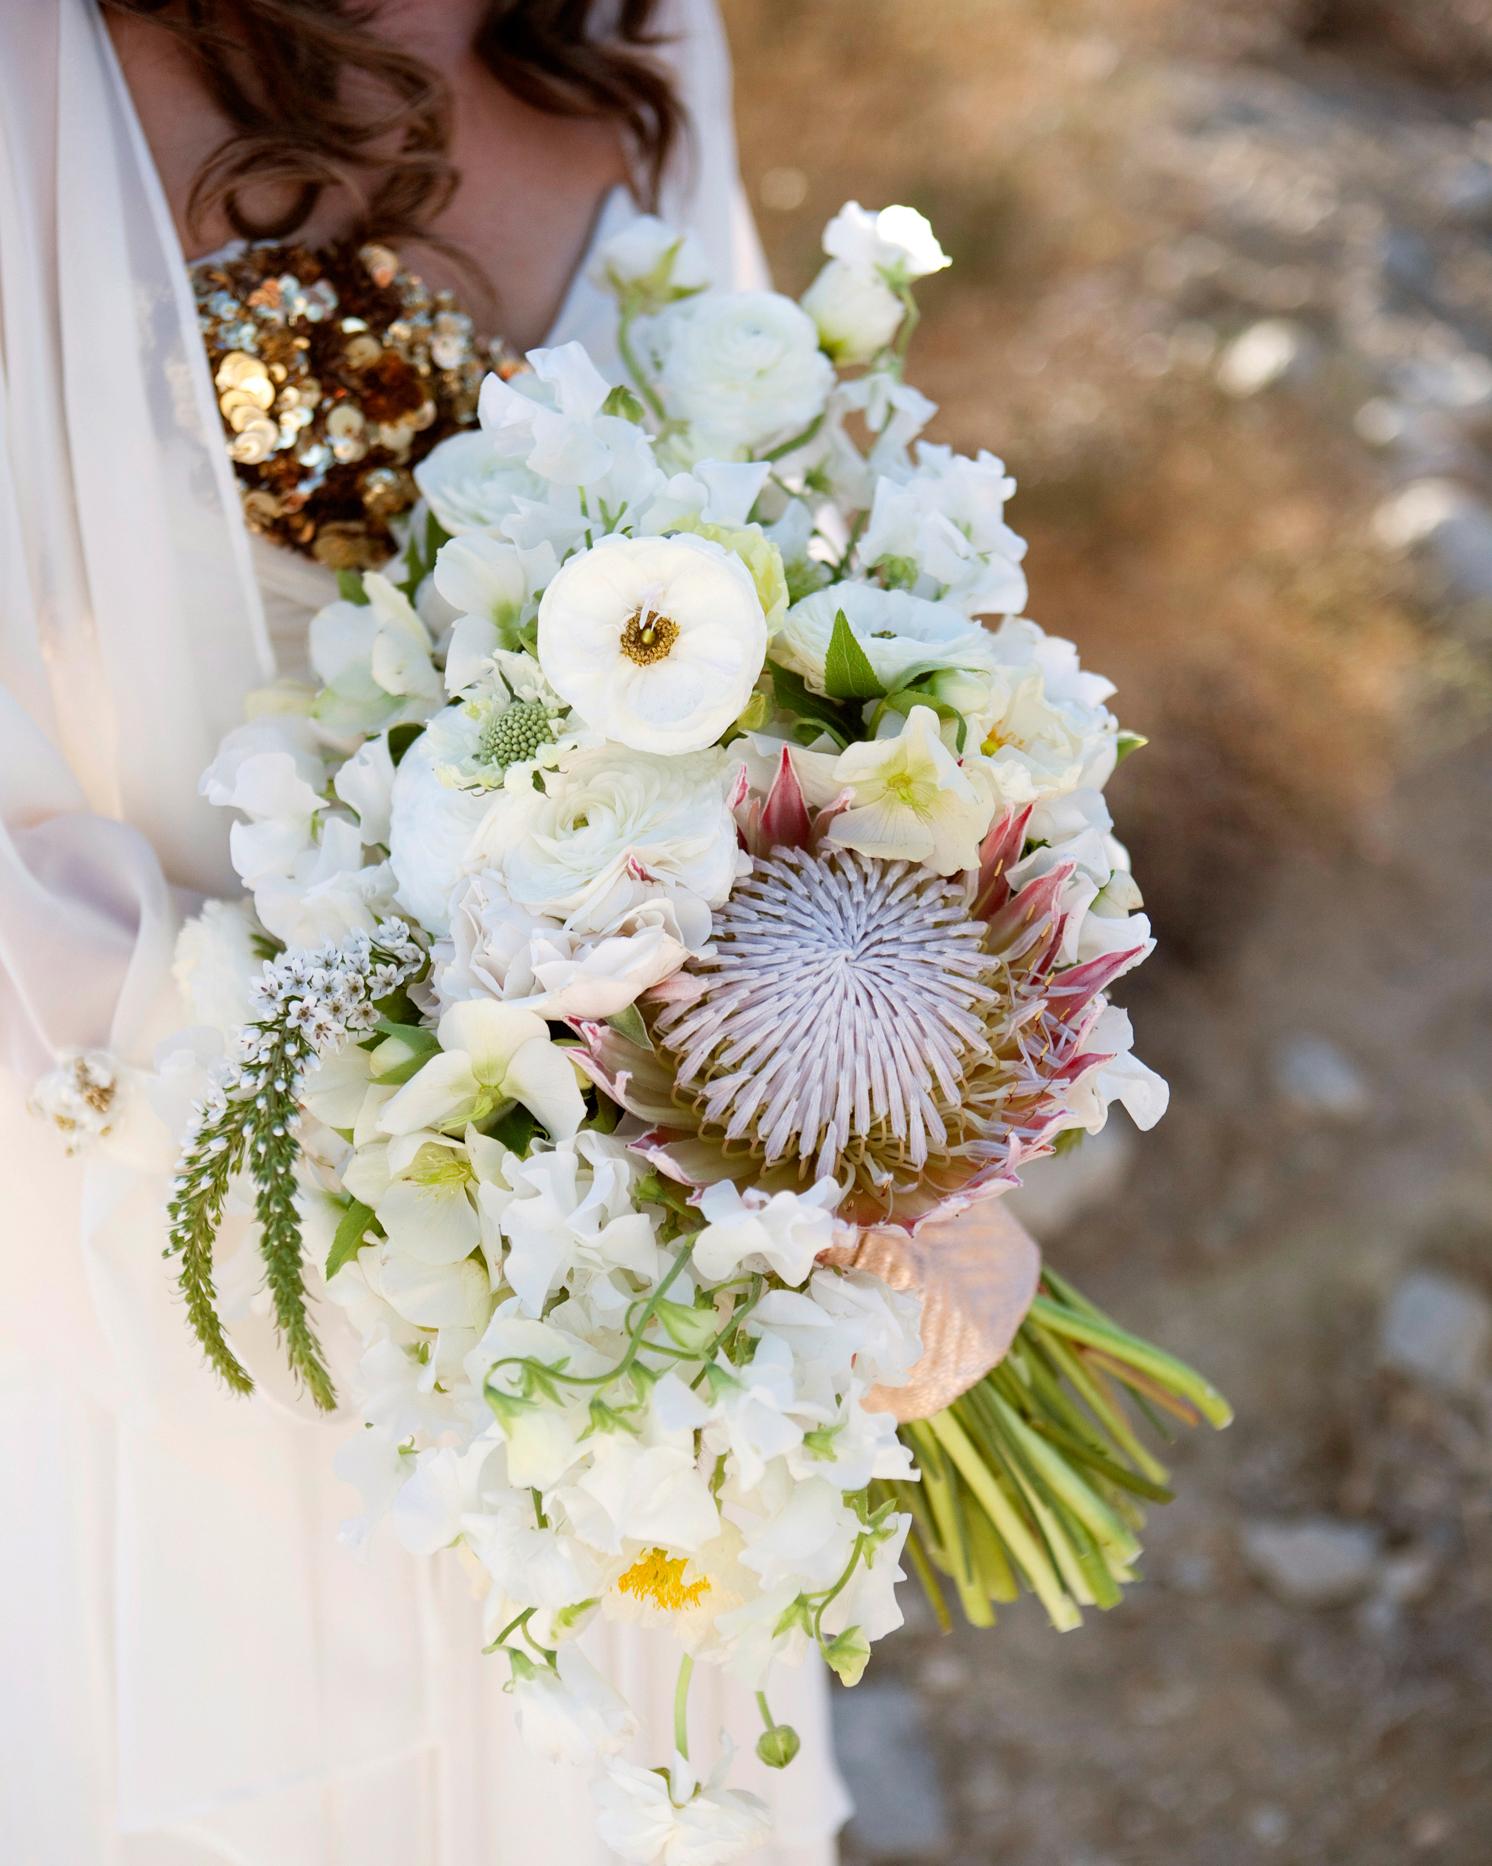 edyta-jared-wedding-0171-d110939.jpg